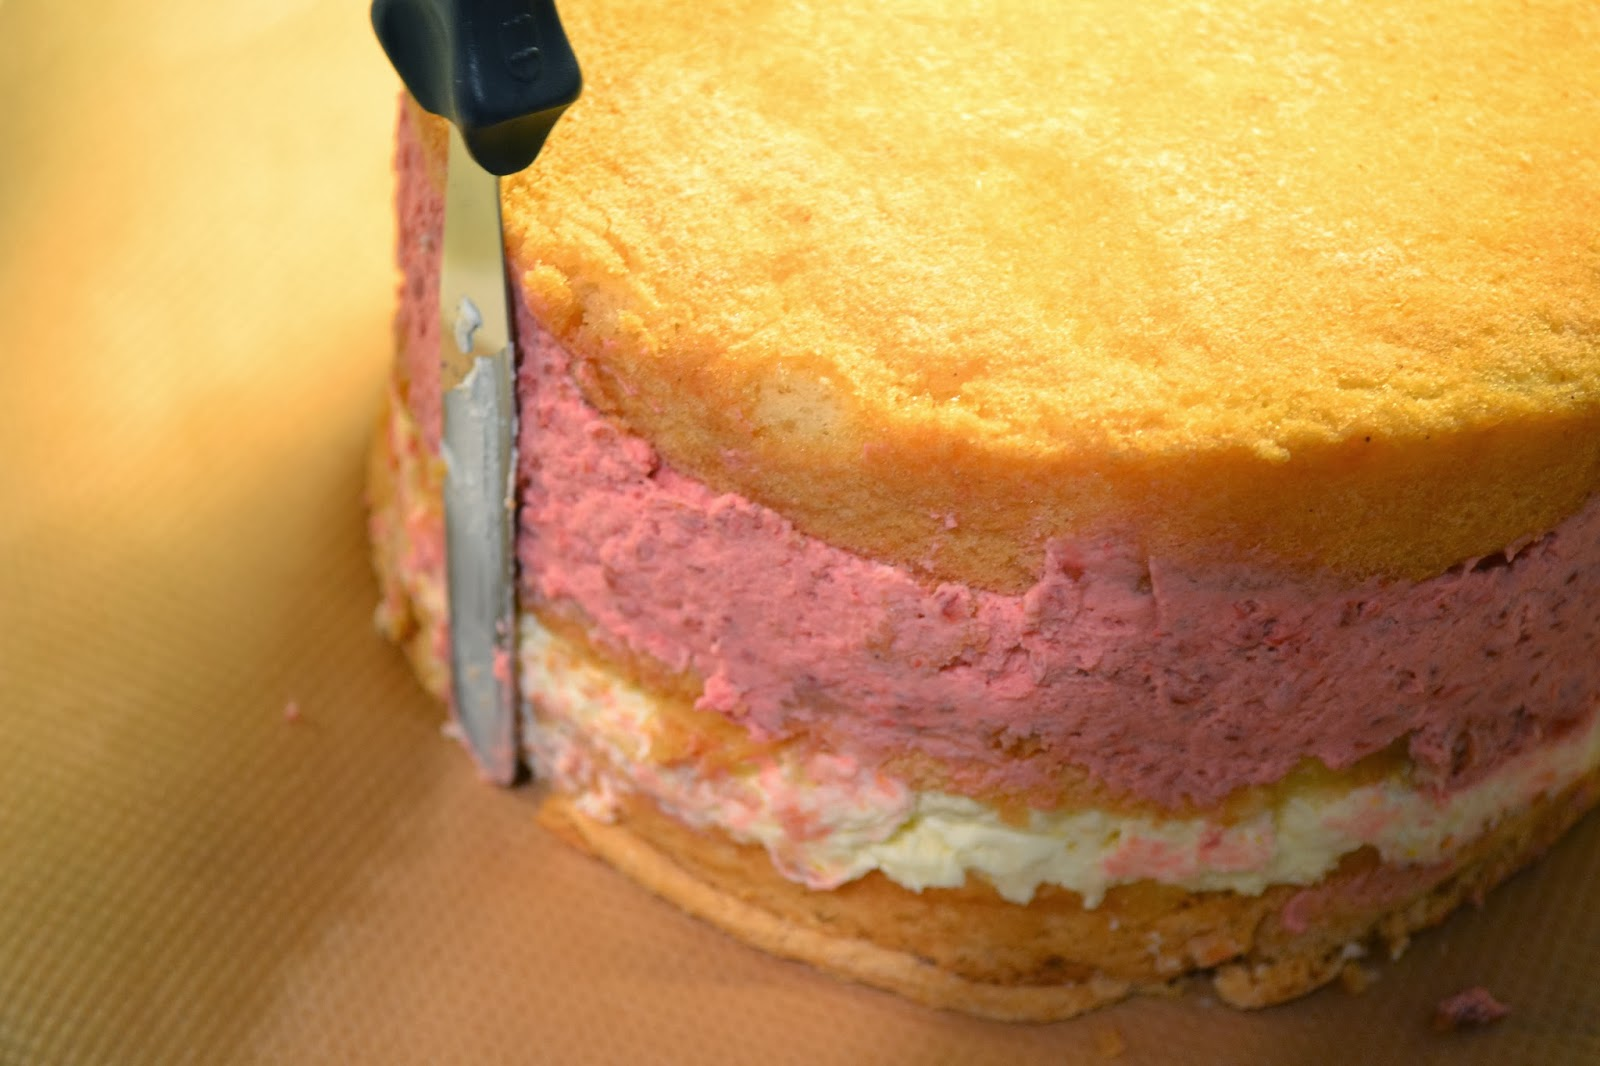 vad skriver man med på tårta